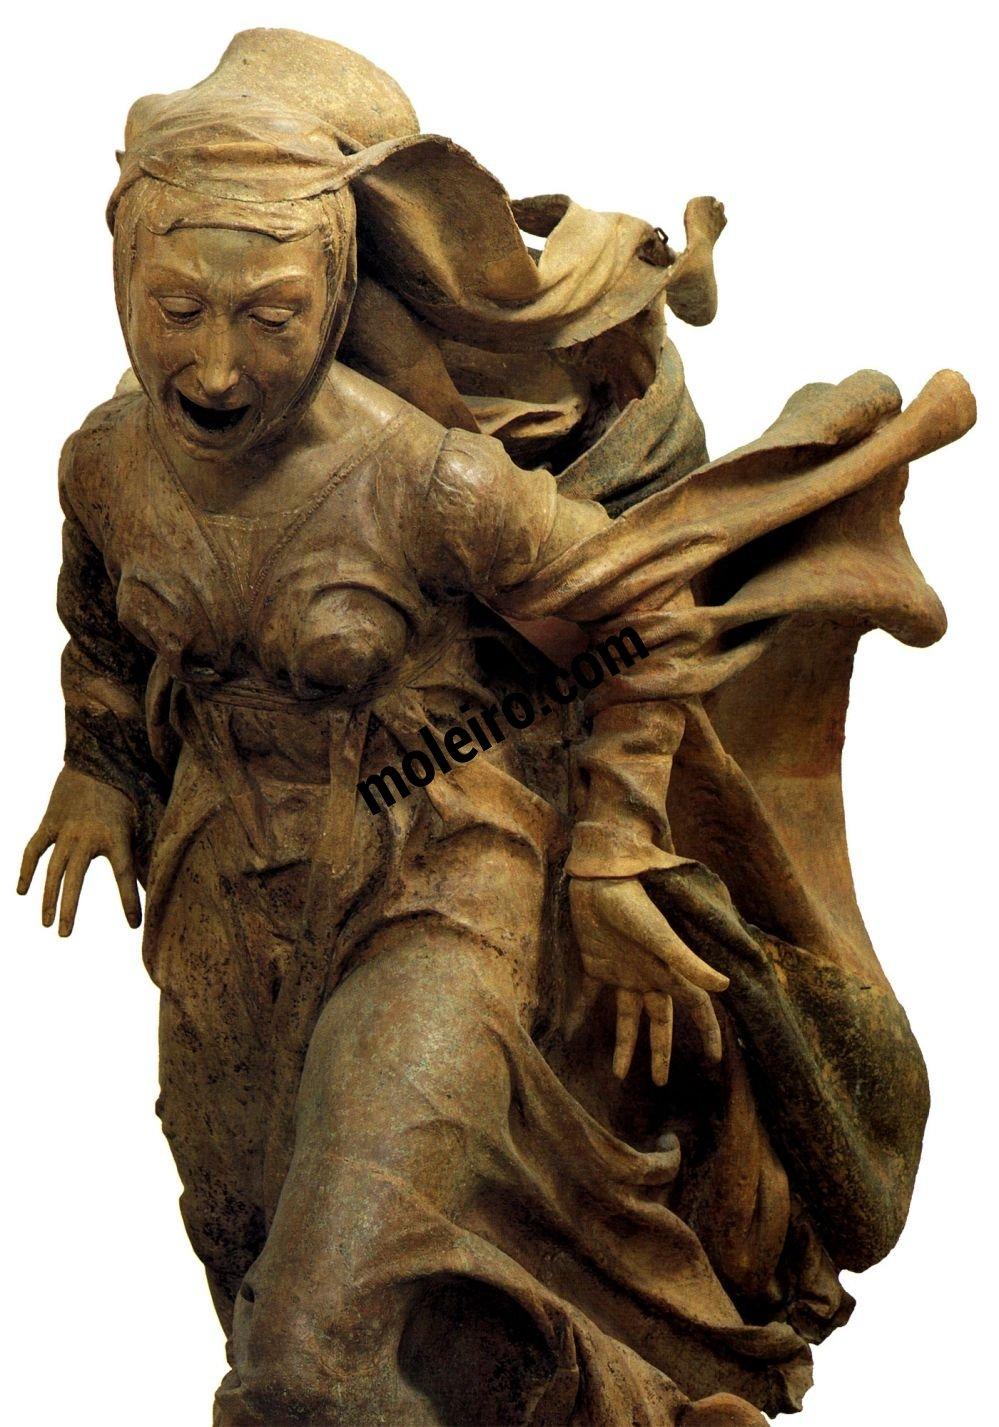 El Arte en el Renacimiento Niccolò dell'Arca, Pietà, detalhe, Bolonha, Santa Maria della Vita